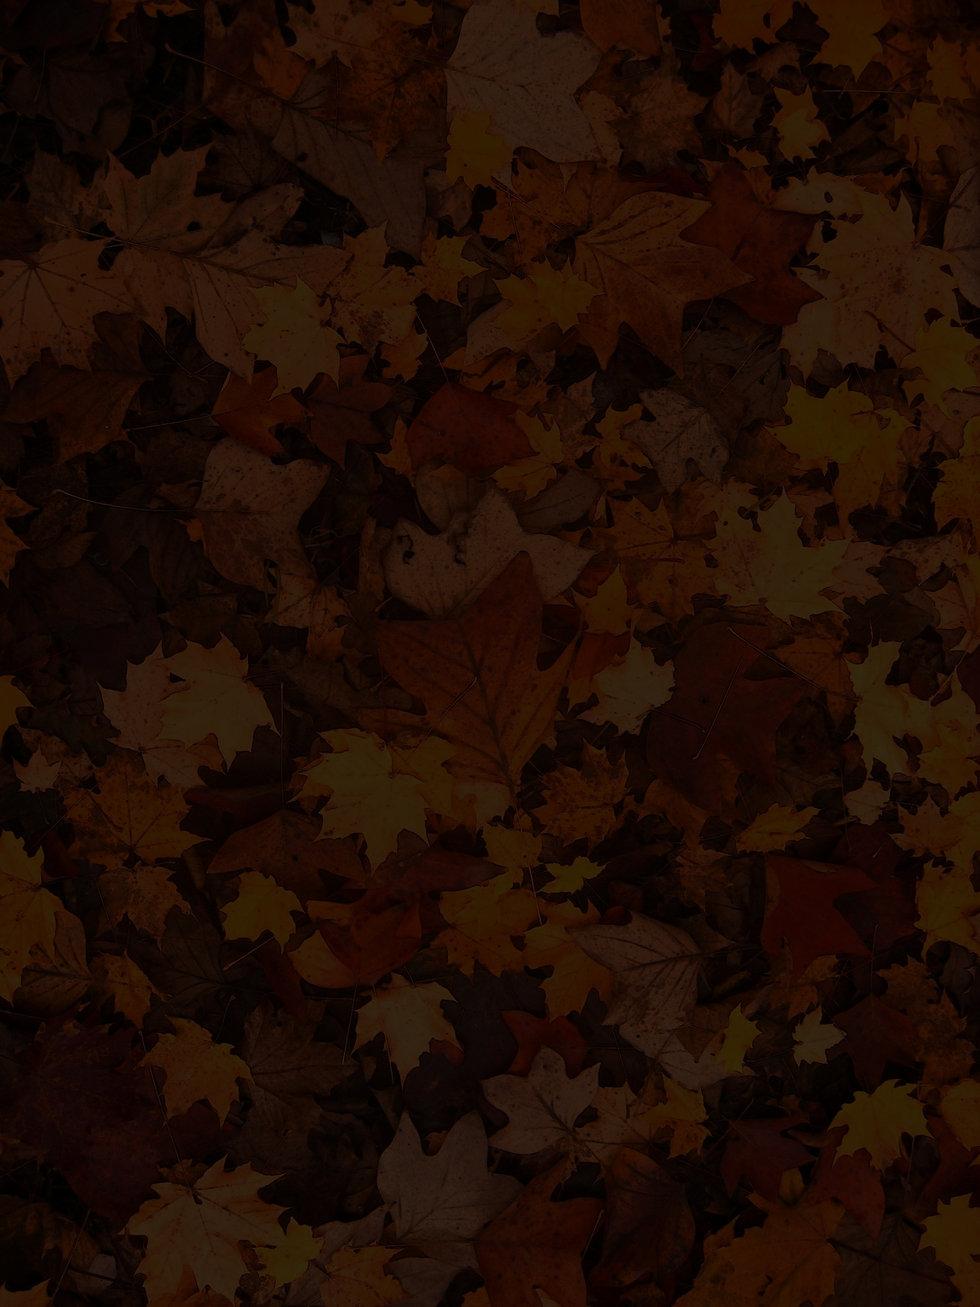 fall-foliage-111315_edited.jpg